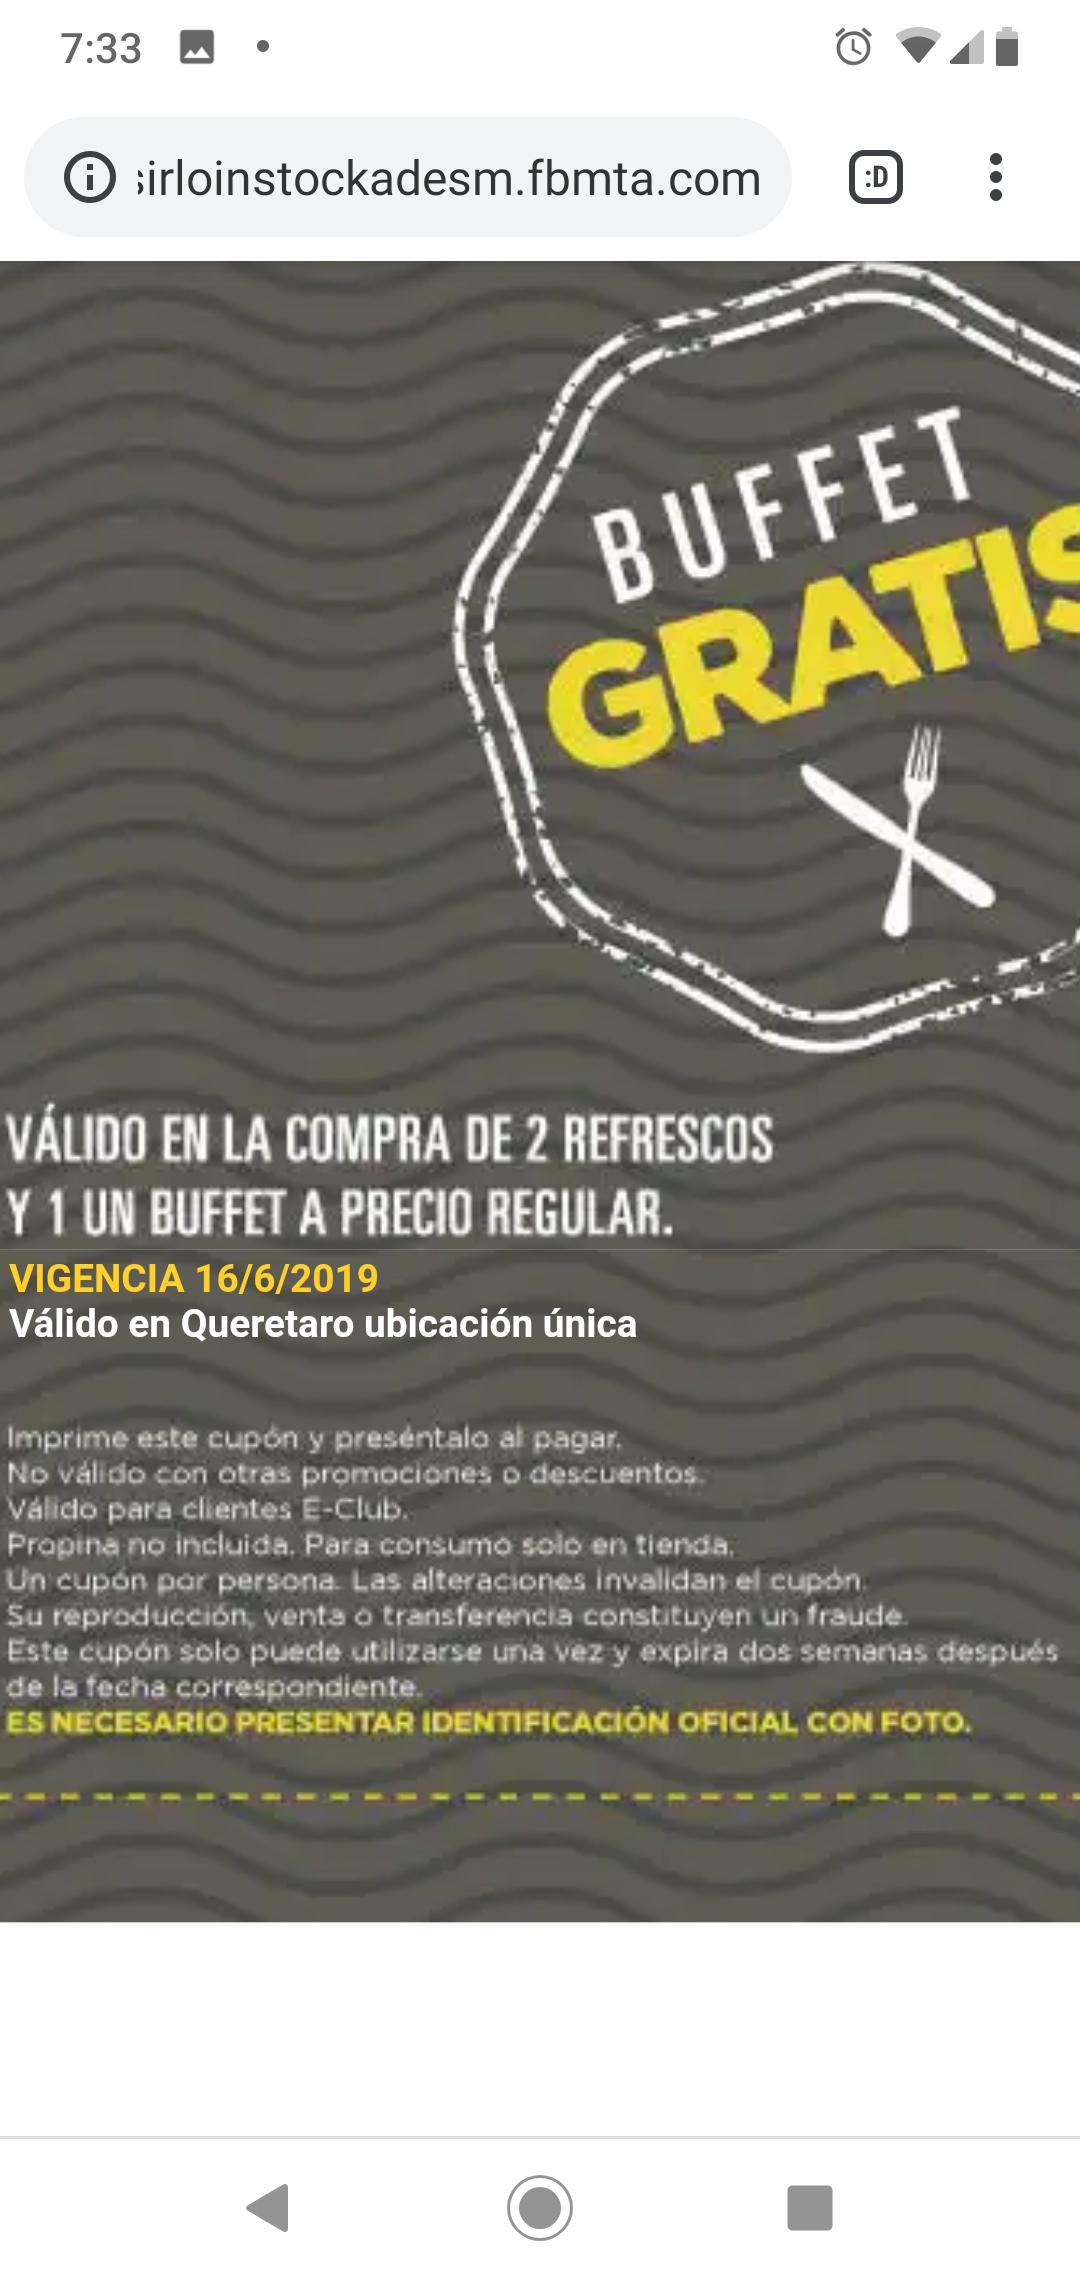 Sirloin Stokade Querétaro: buffet Gratis en la compra de  otro y dos bebidas